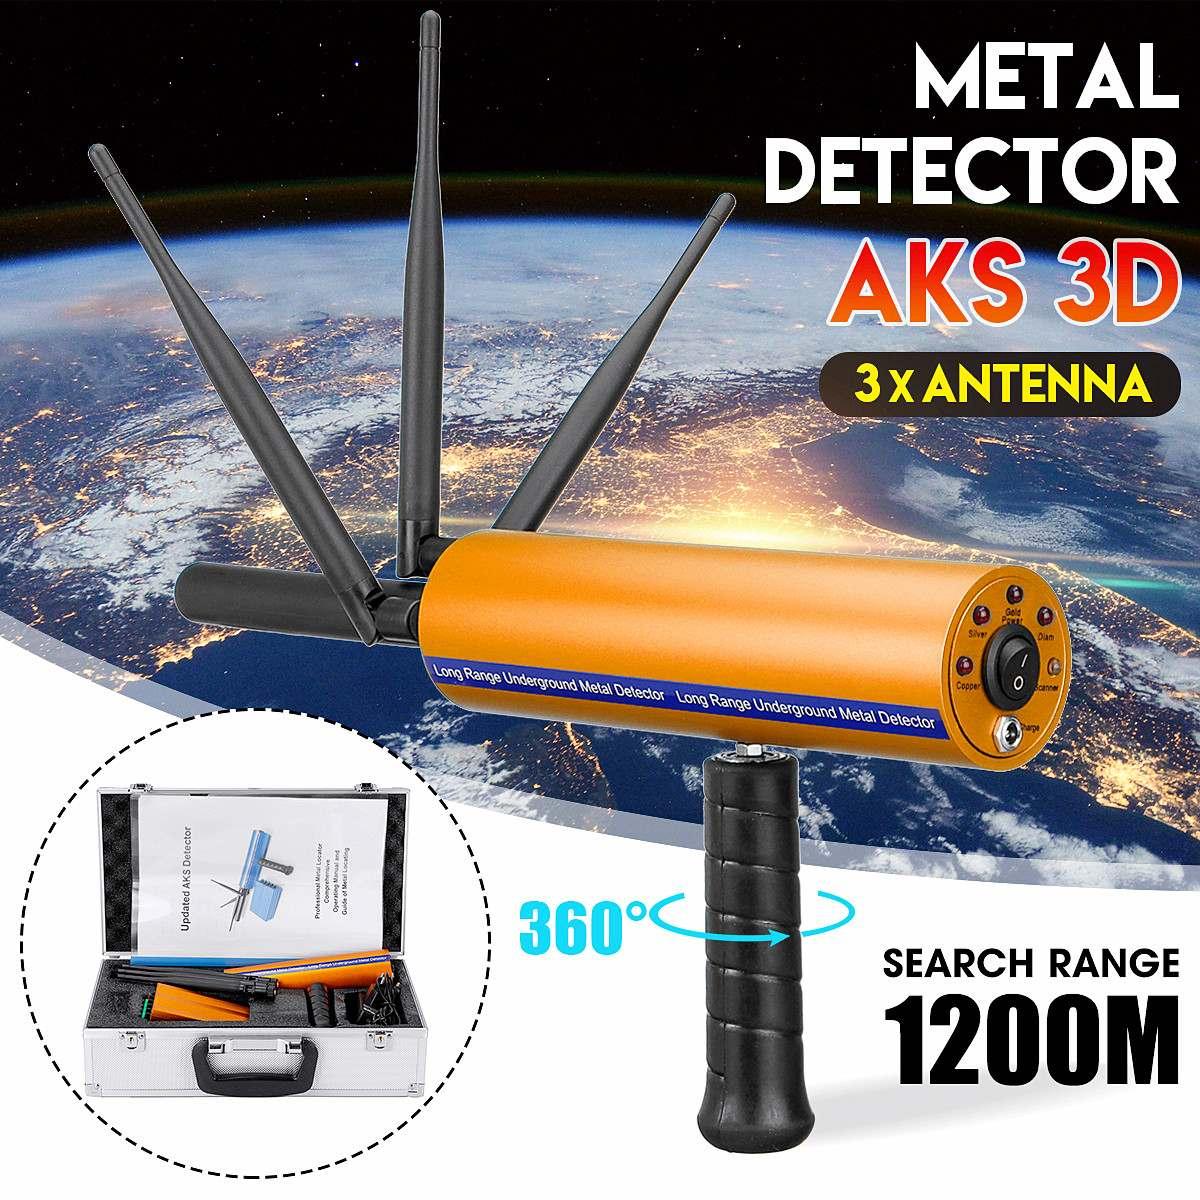 3 antennes AKS détective professionnel poignée souterraine métal/or/gemmes détecteur réglable longue portée diamant Finder Tracker